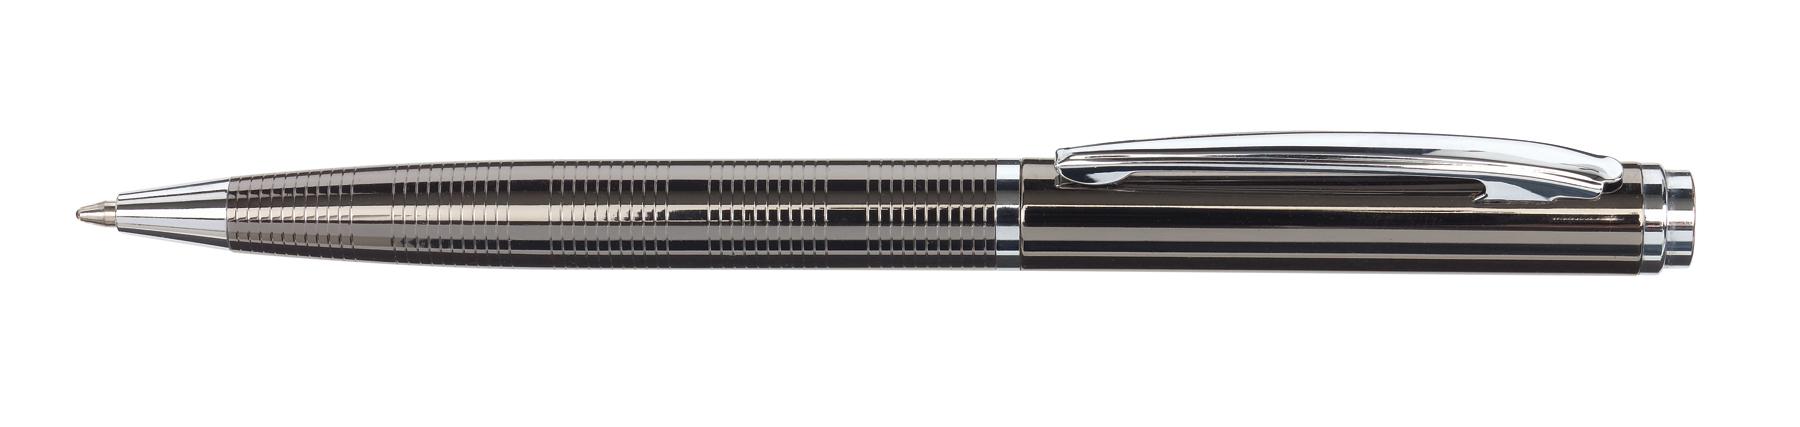 Długopis POETRY, antracytowy